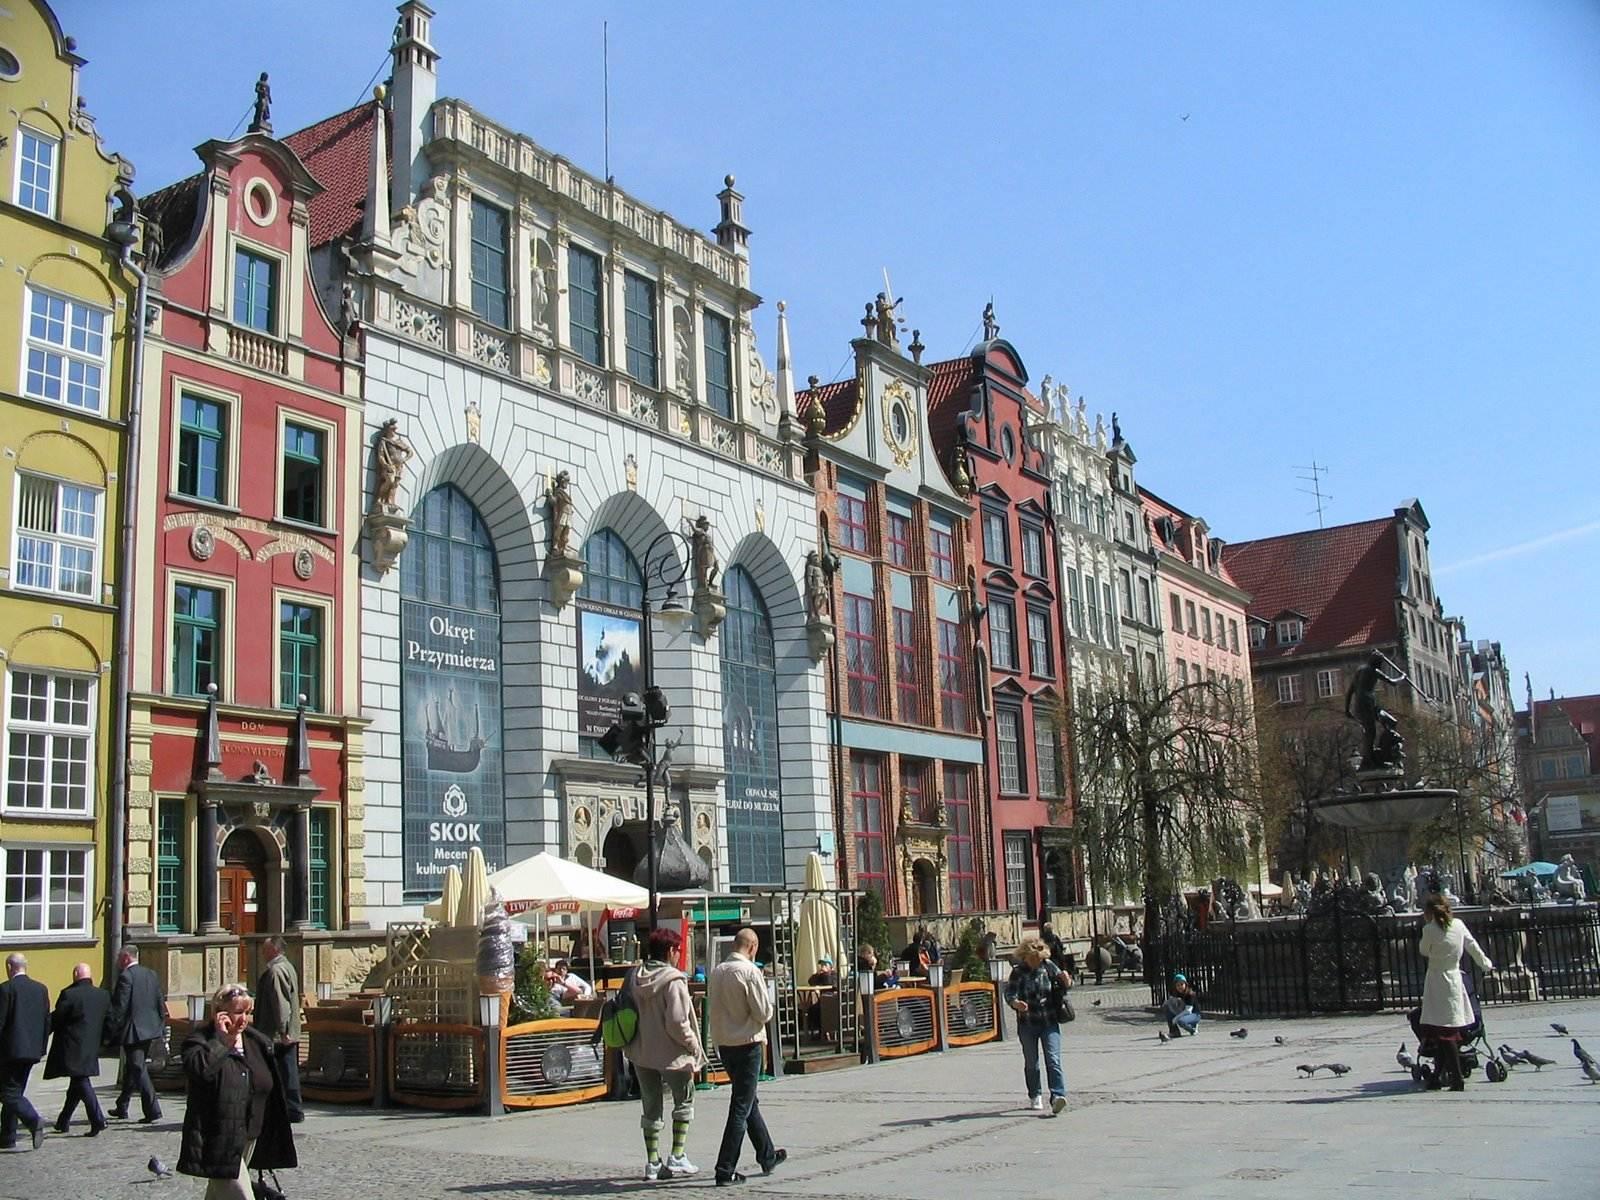 Hotele w Gdansku (3)